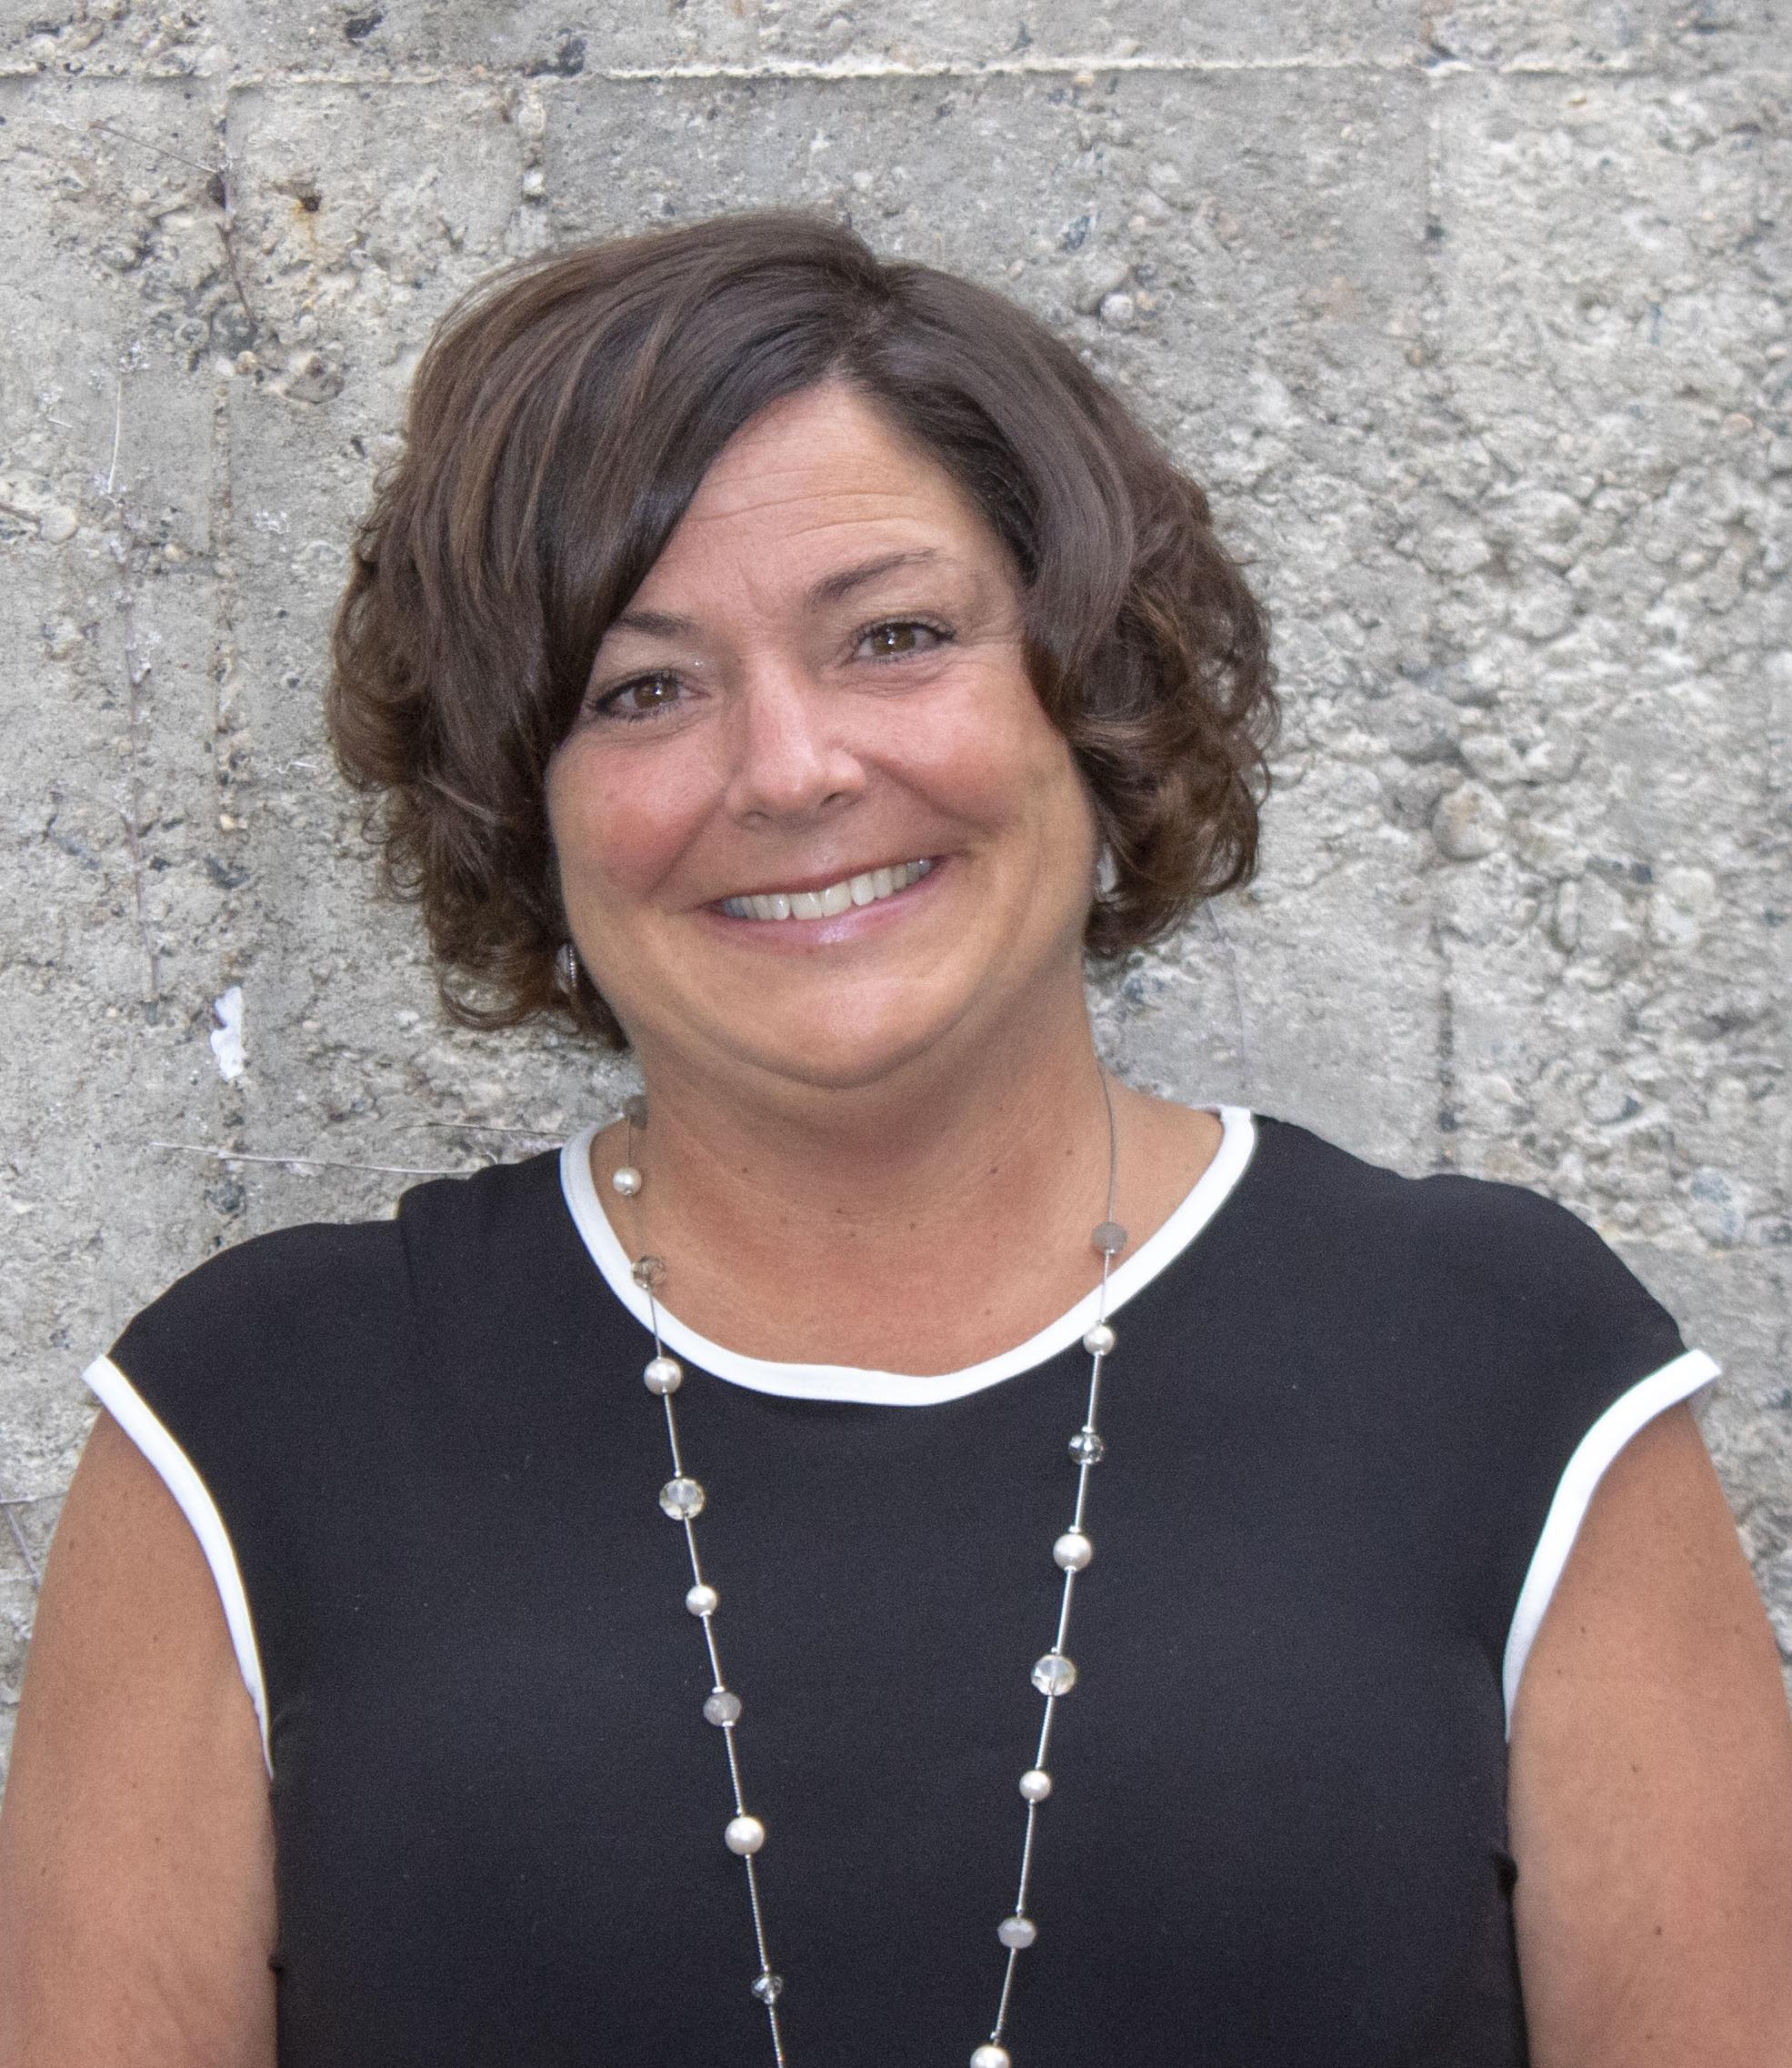 Eileen Cianciolo